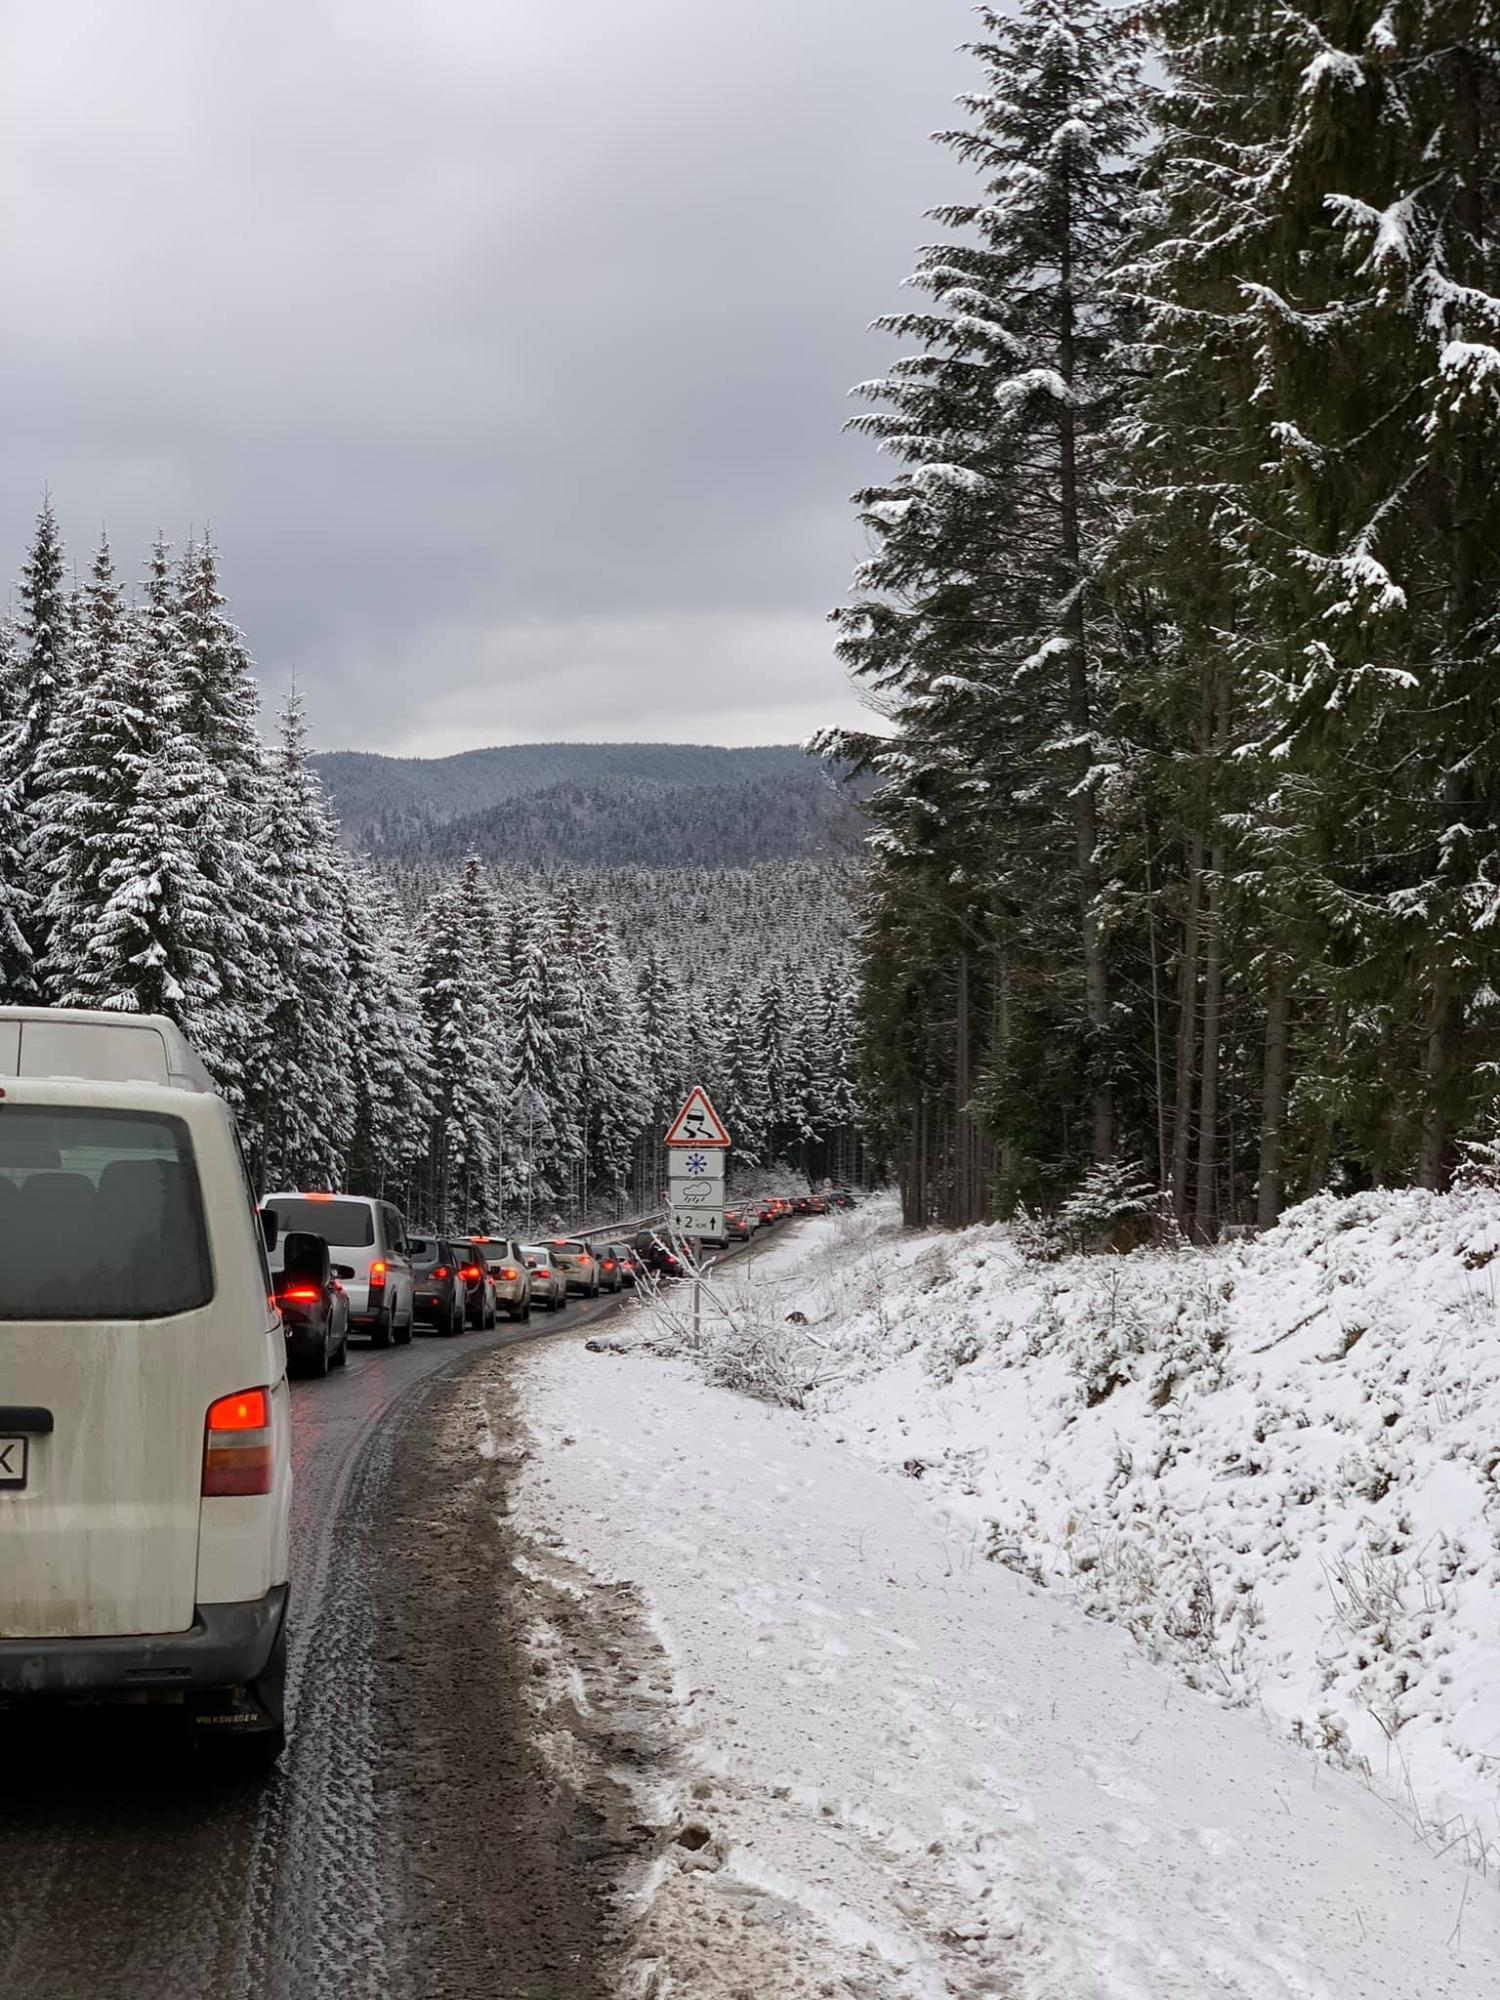 Перший день локдауну: кілометрові черги з авто на Буковель показали на фото